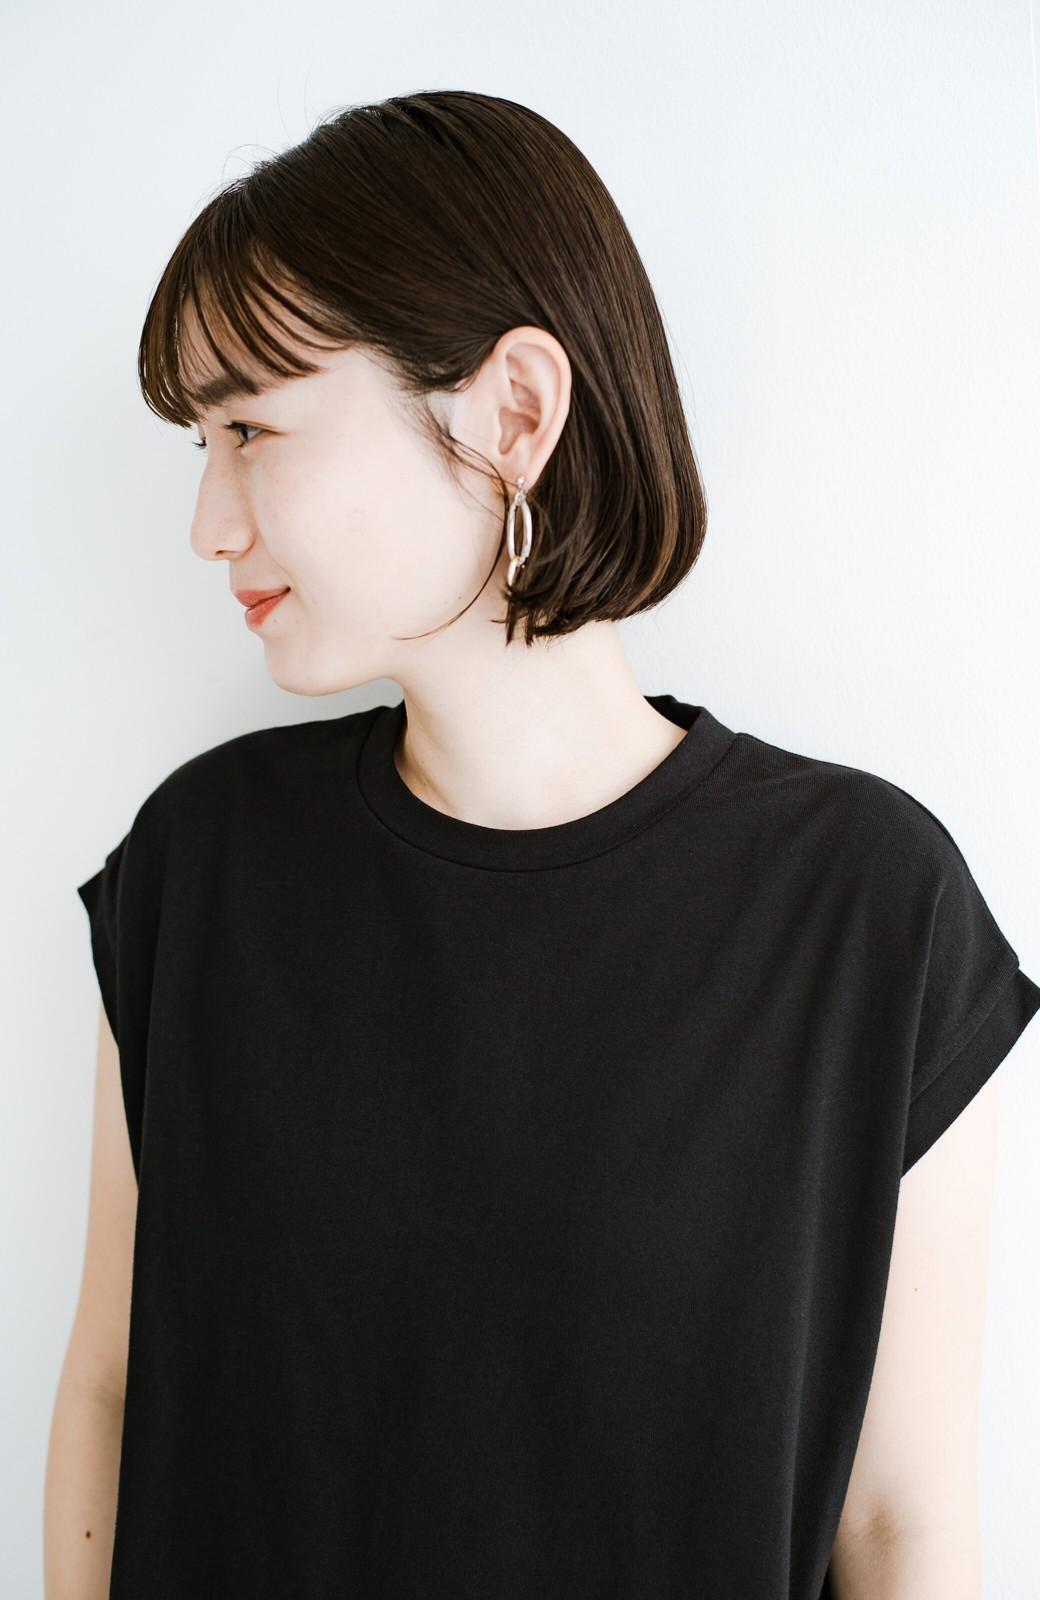 haco! 大人のTシャツこれならいける?!ちょい袖でかっこよく見せるTシャツ by que made me + PBP <ブラック>の商品写真4